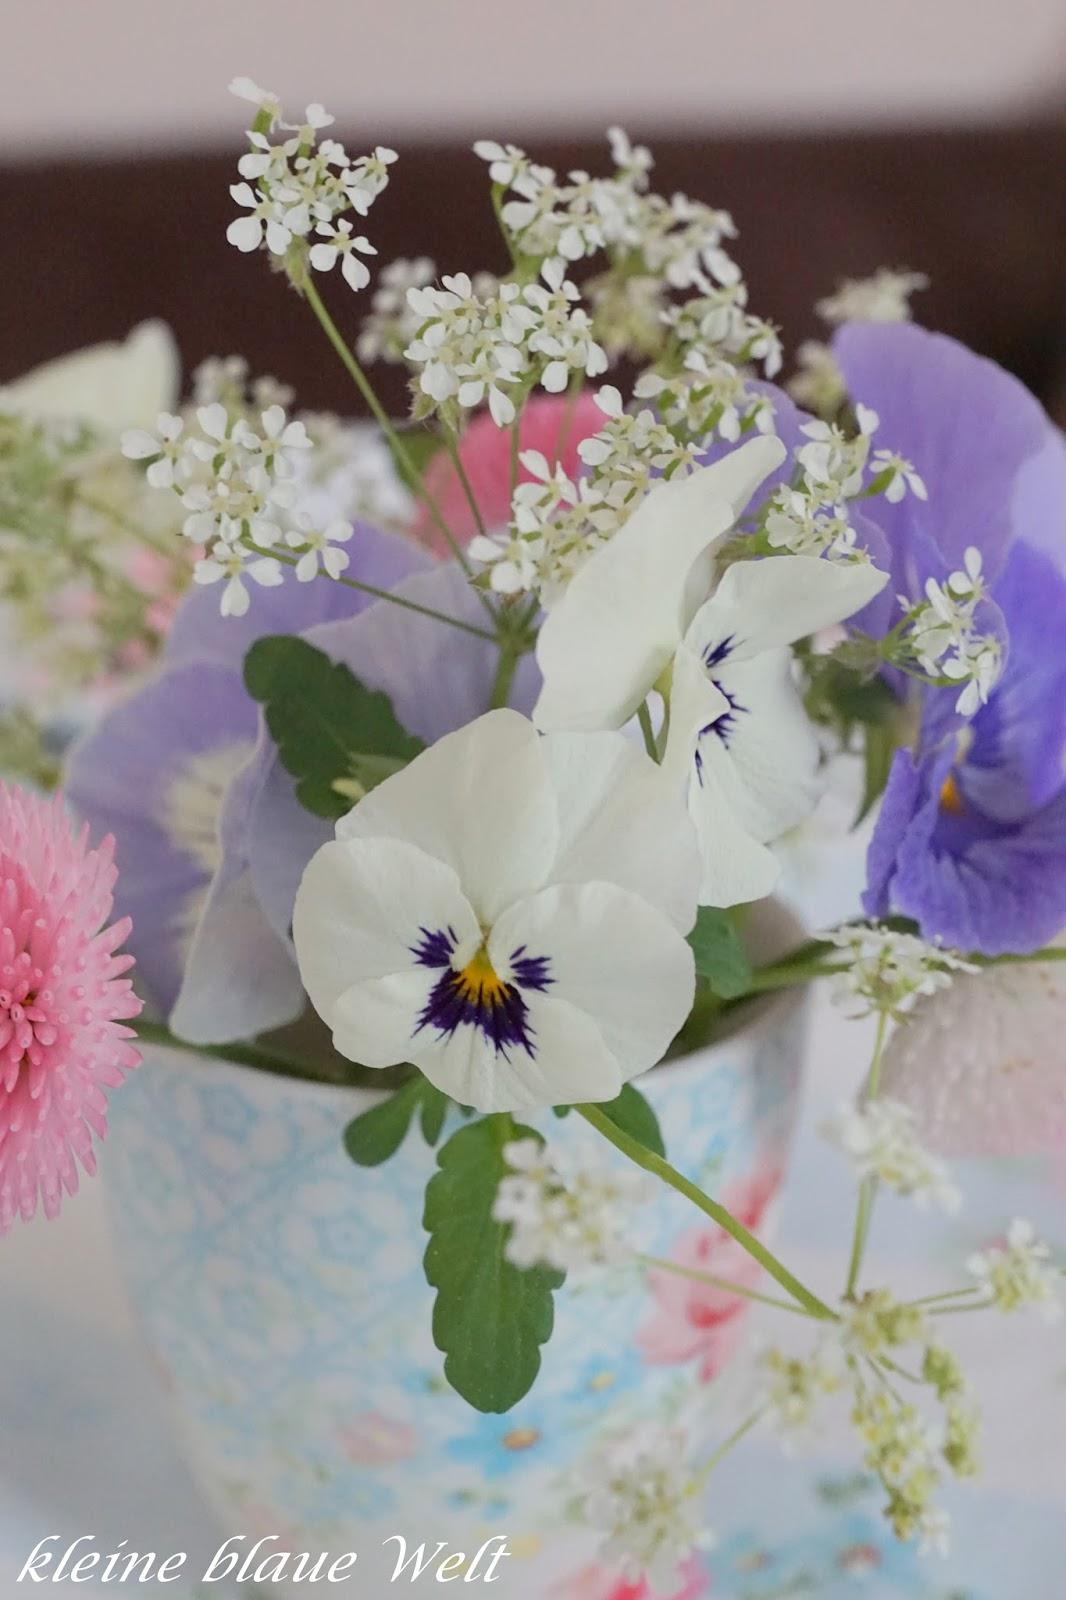 kleine blaue welt friday flowerday 21 17. Black Bedroom Furniture Sets. Home Design Ideas